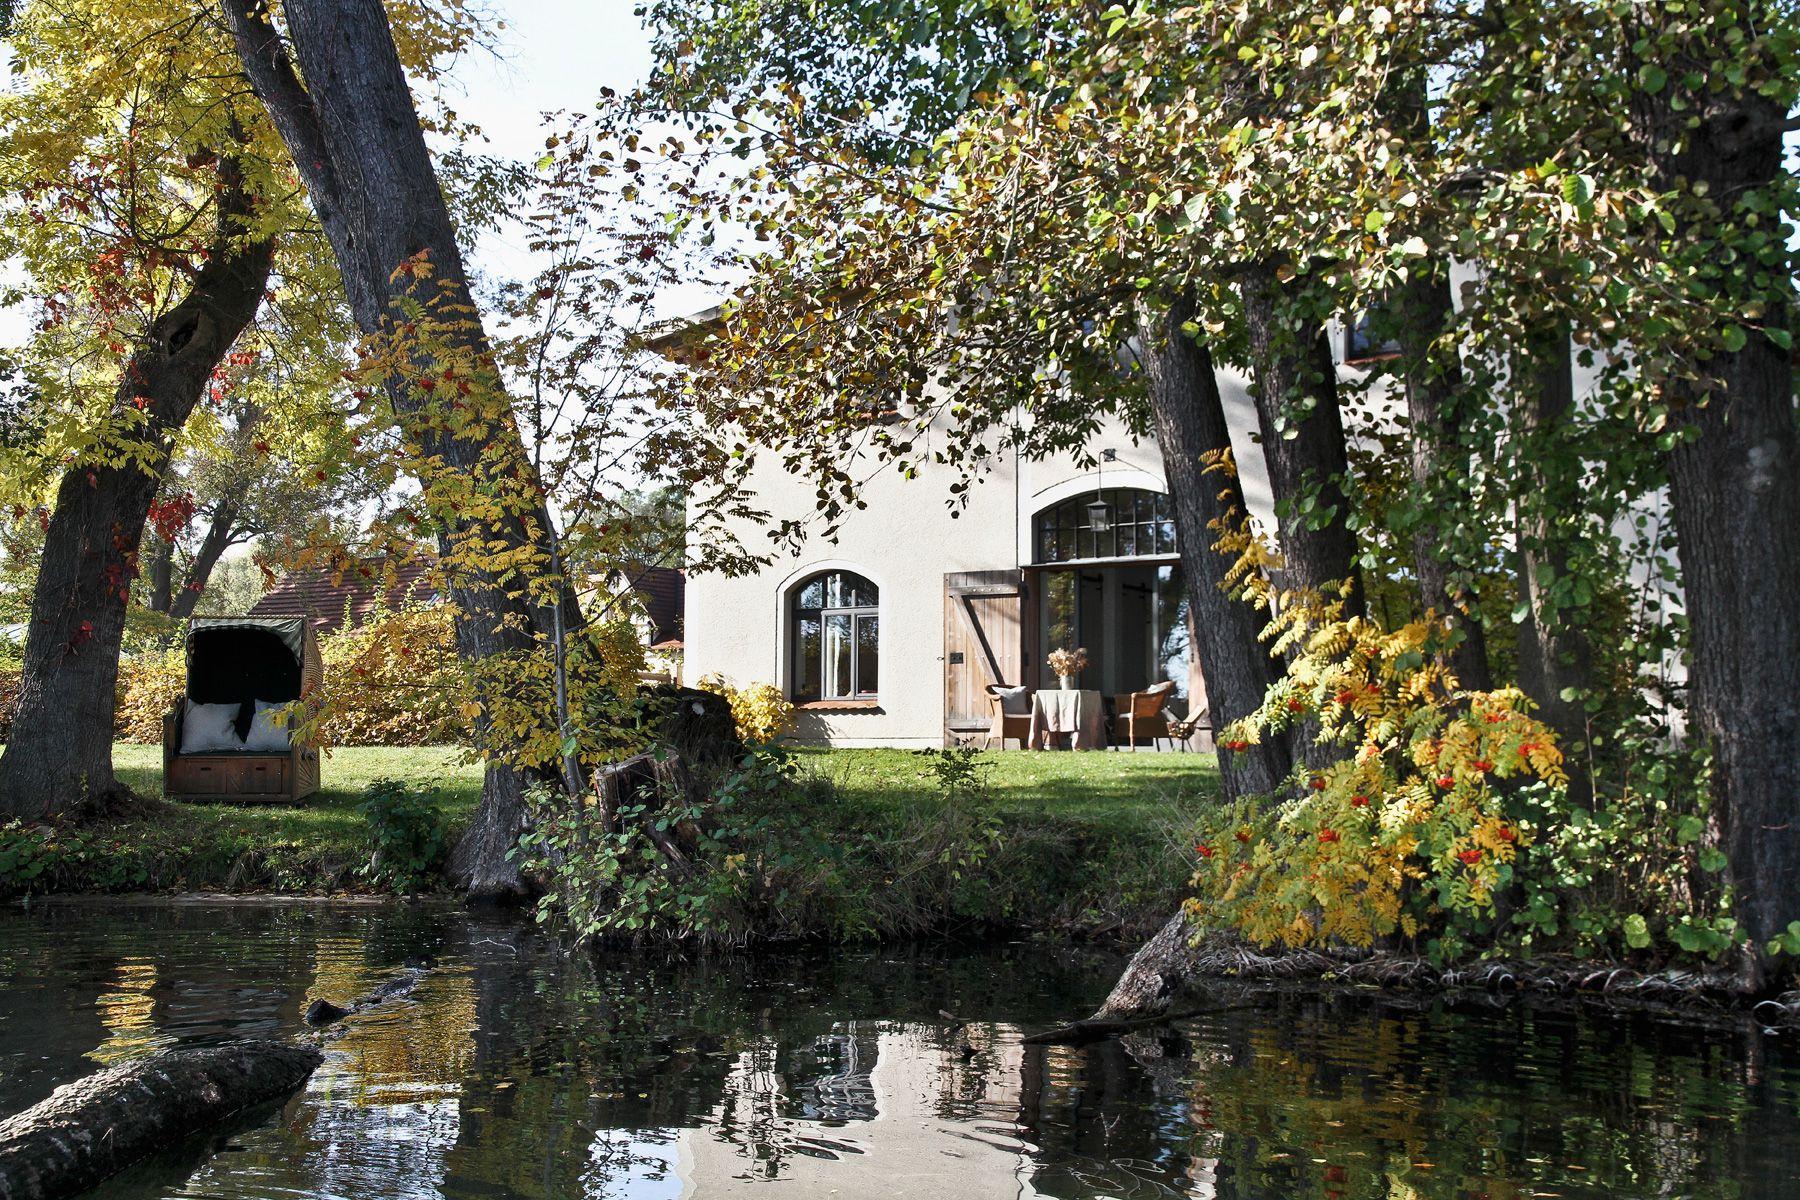 Eibenhof Haus am See Urlaub am see, Haus am see und Seen